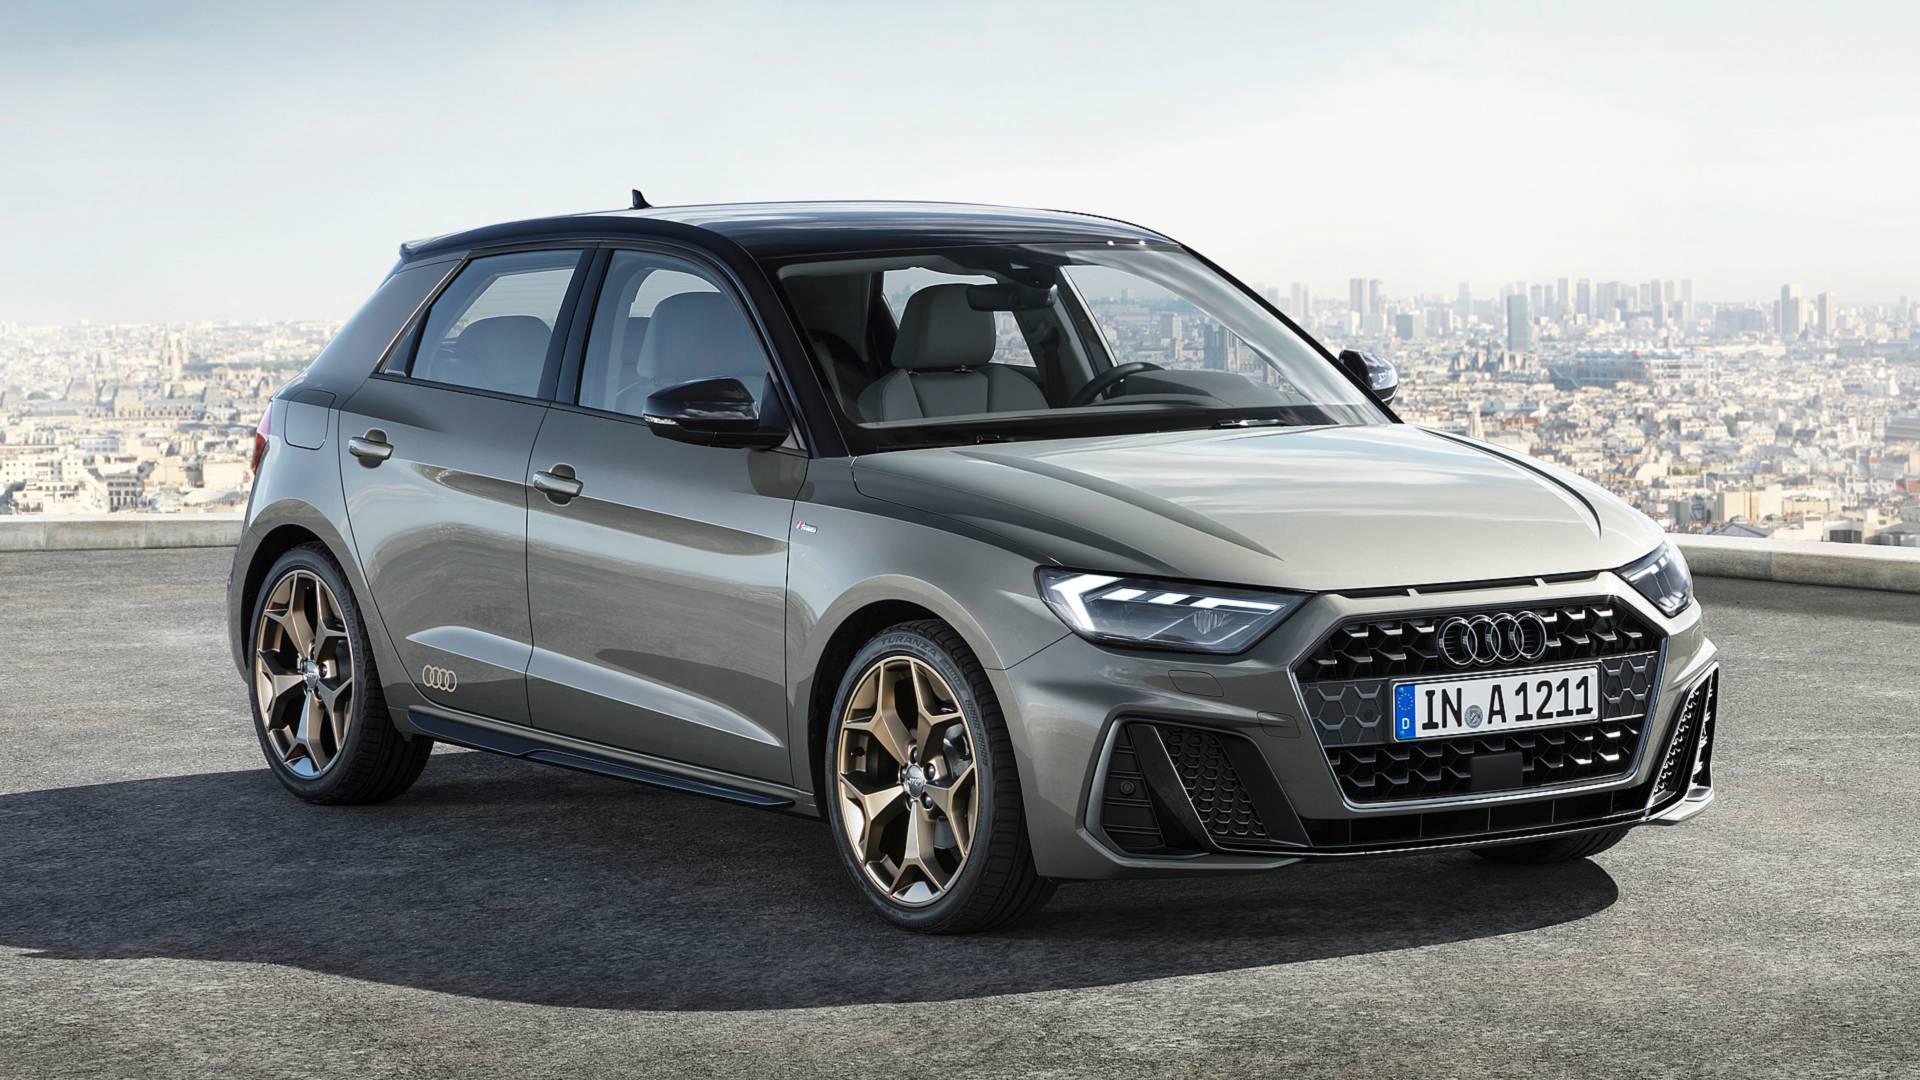 Revelado ontem, o novo Audi A1 está mais agressivo